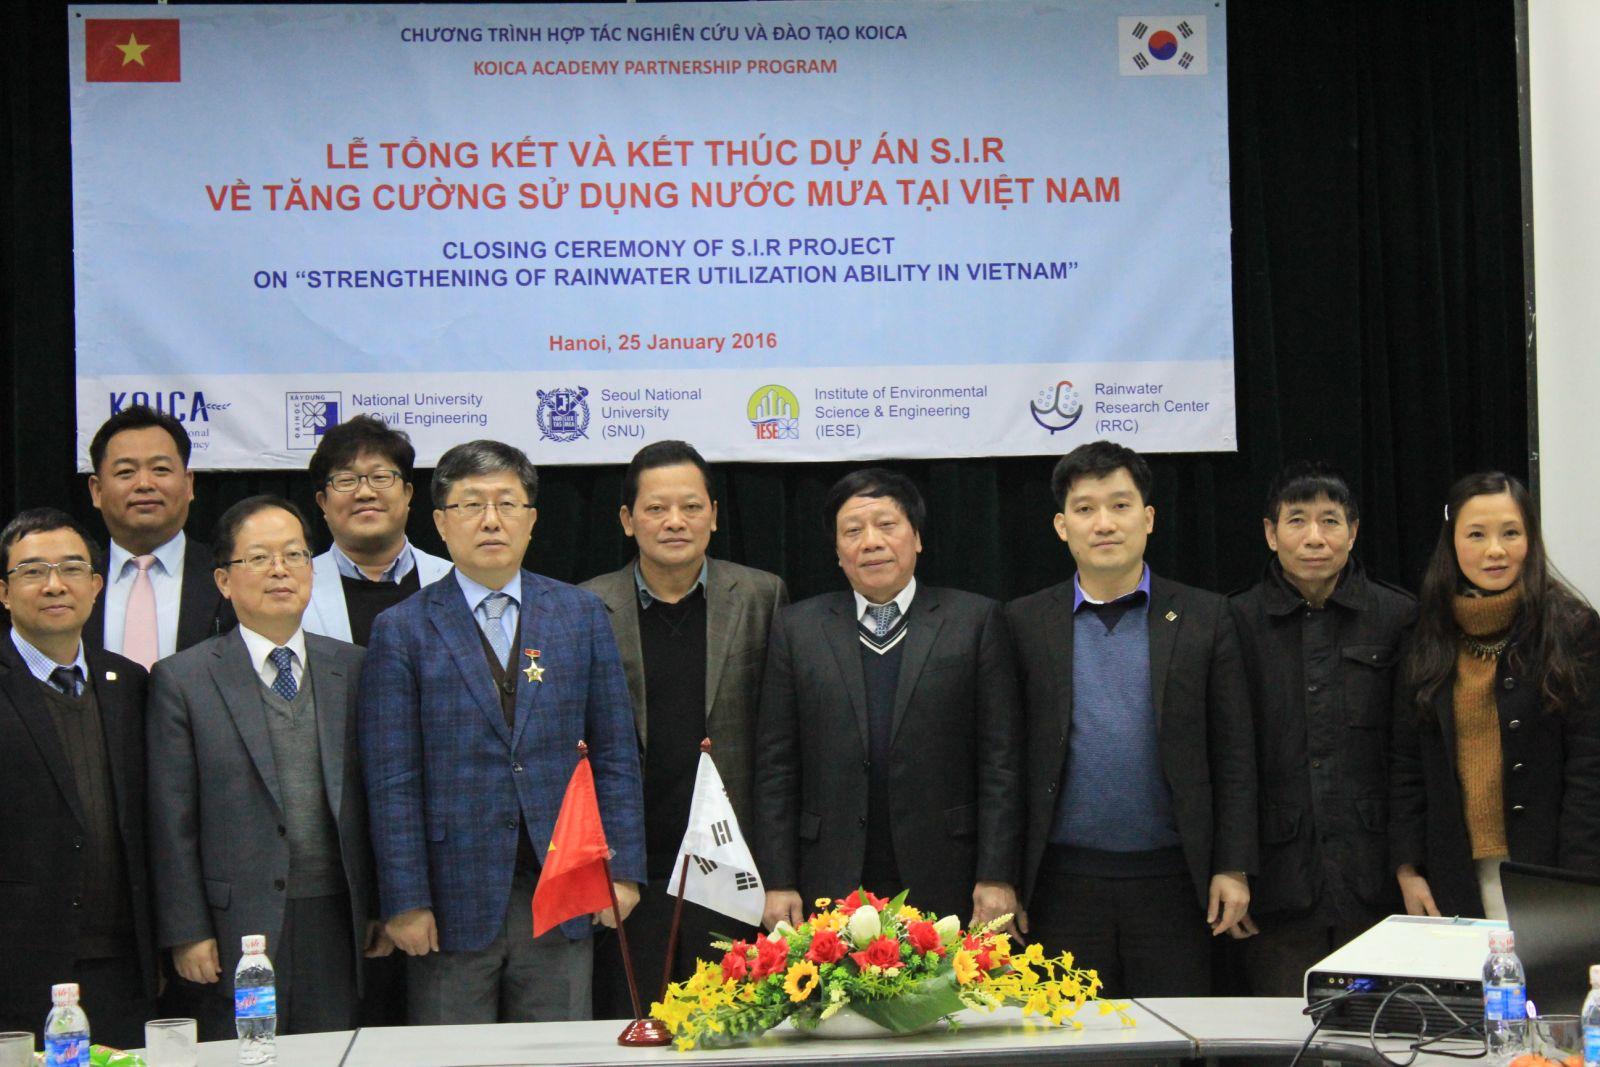 Tổng kết Dự án S.I.R (25.1.2016)